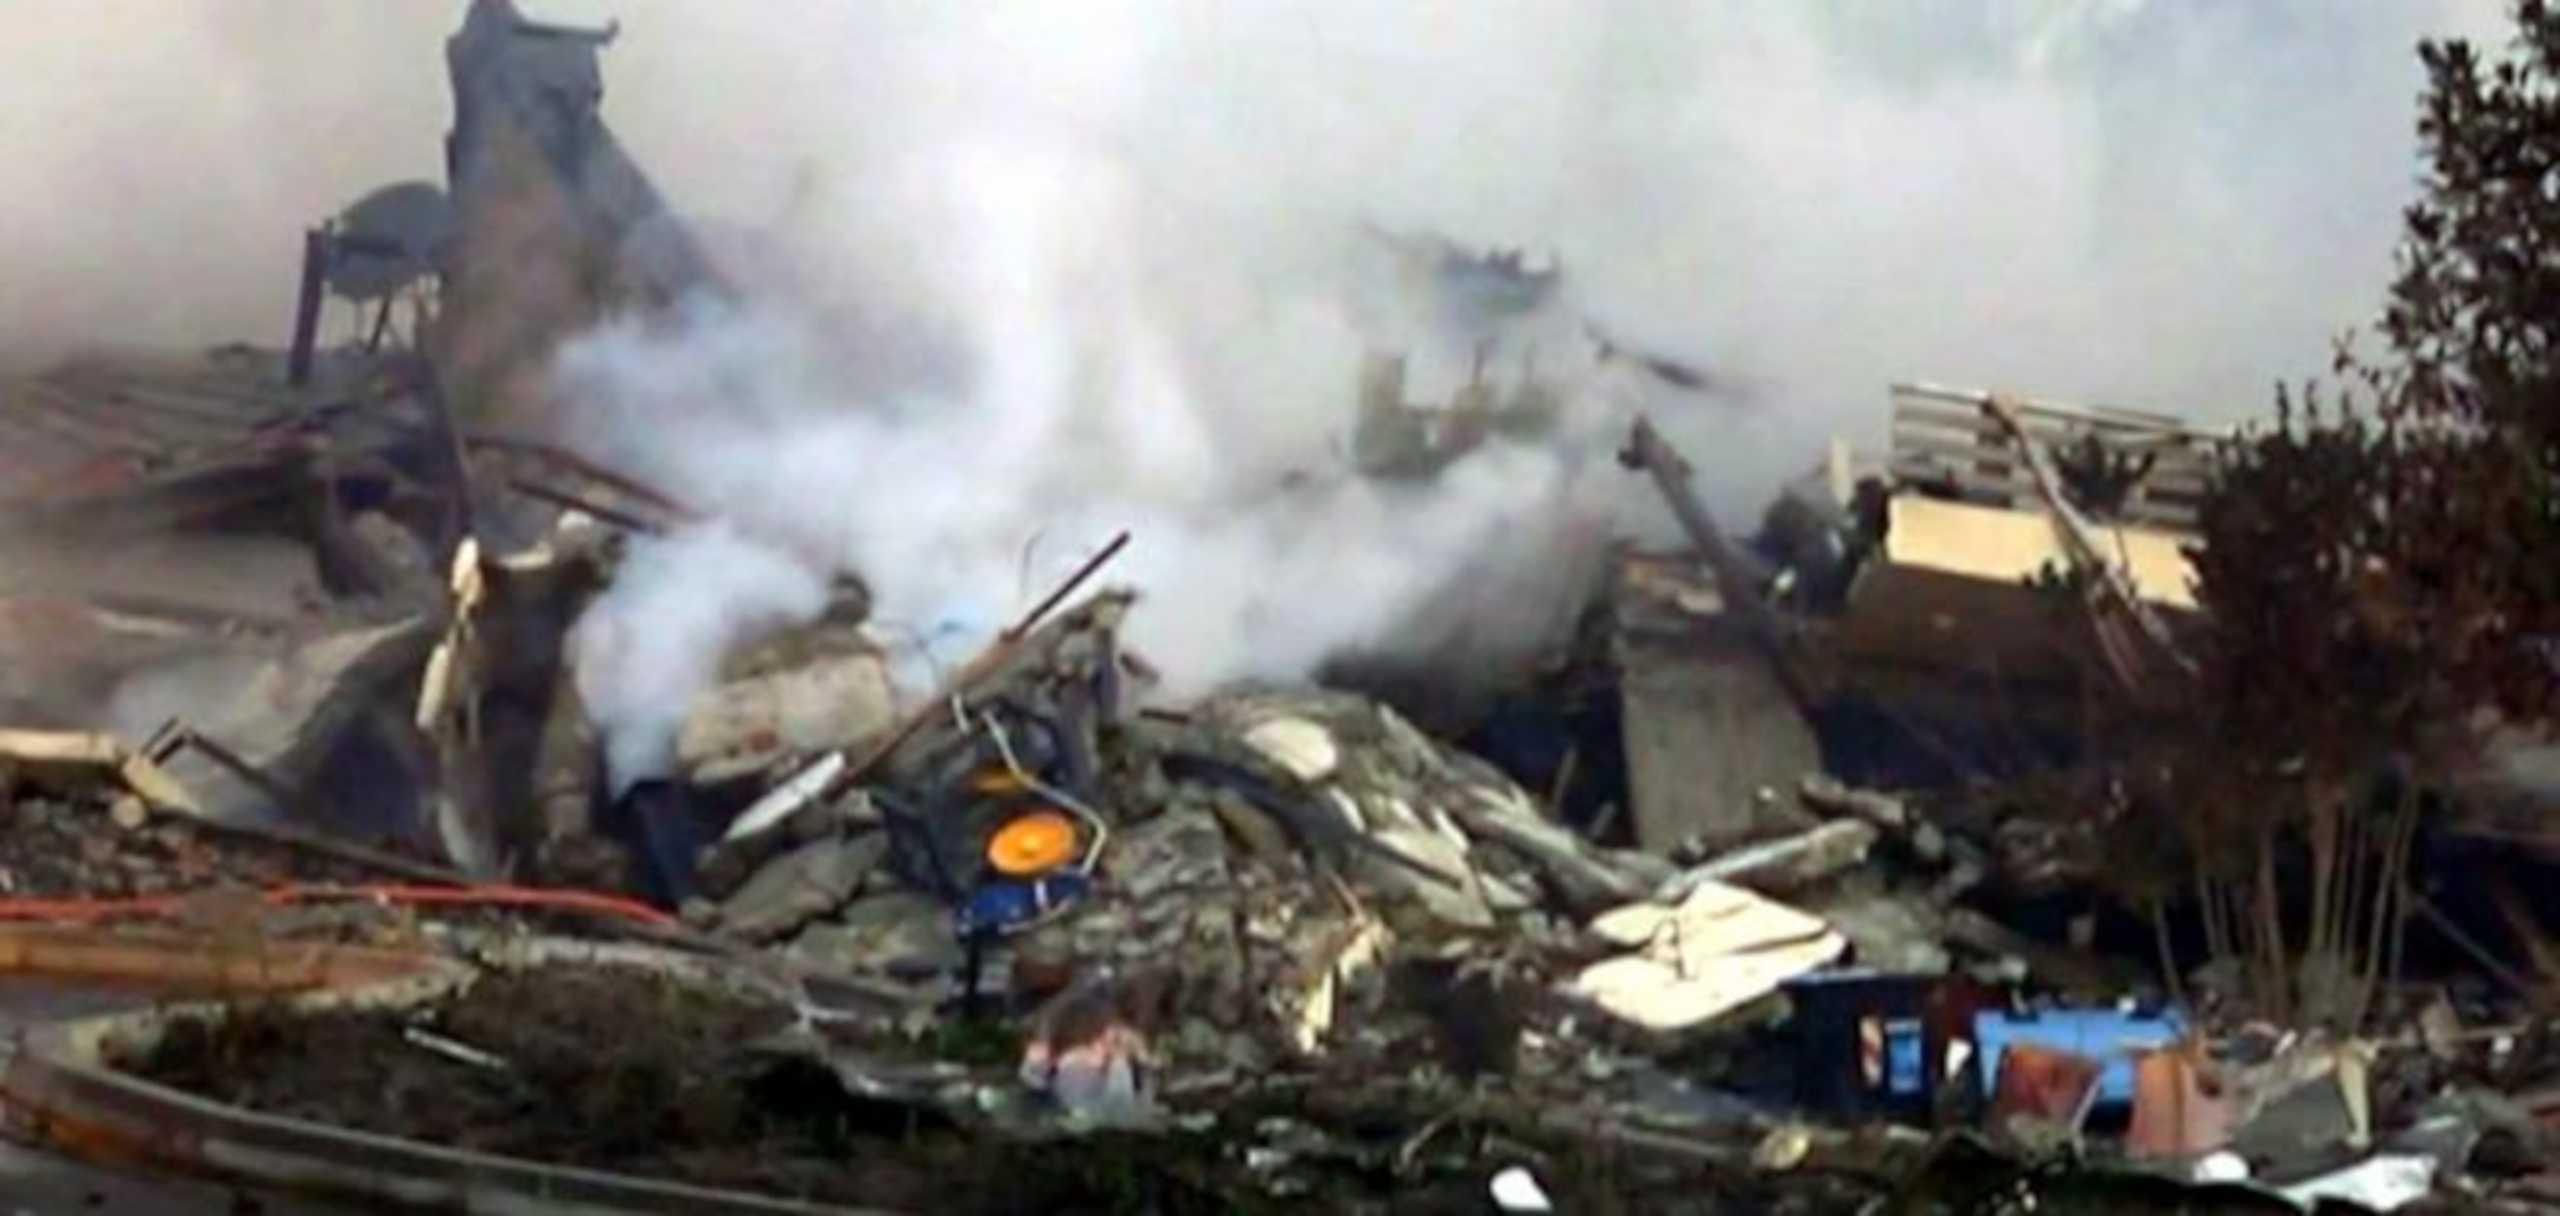 Καστοριά: Αυτή είναι η αιτία της έκρηξης – Τι δηλώνει ο ιδιοκτήτης του ξενοδοχείου που καταστράφηκε (video)